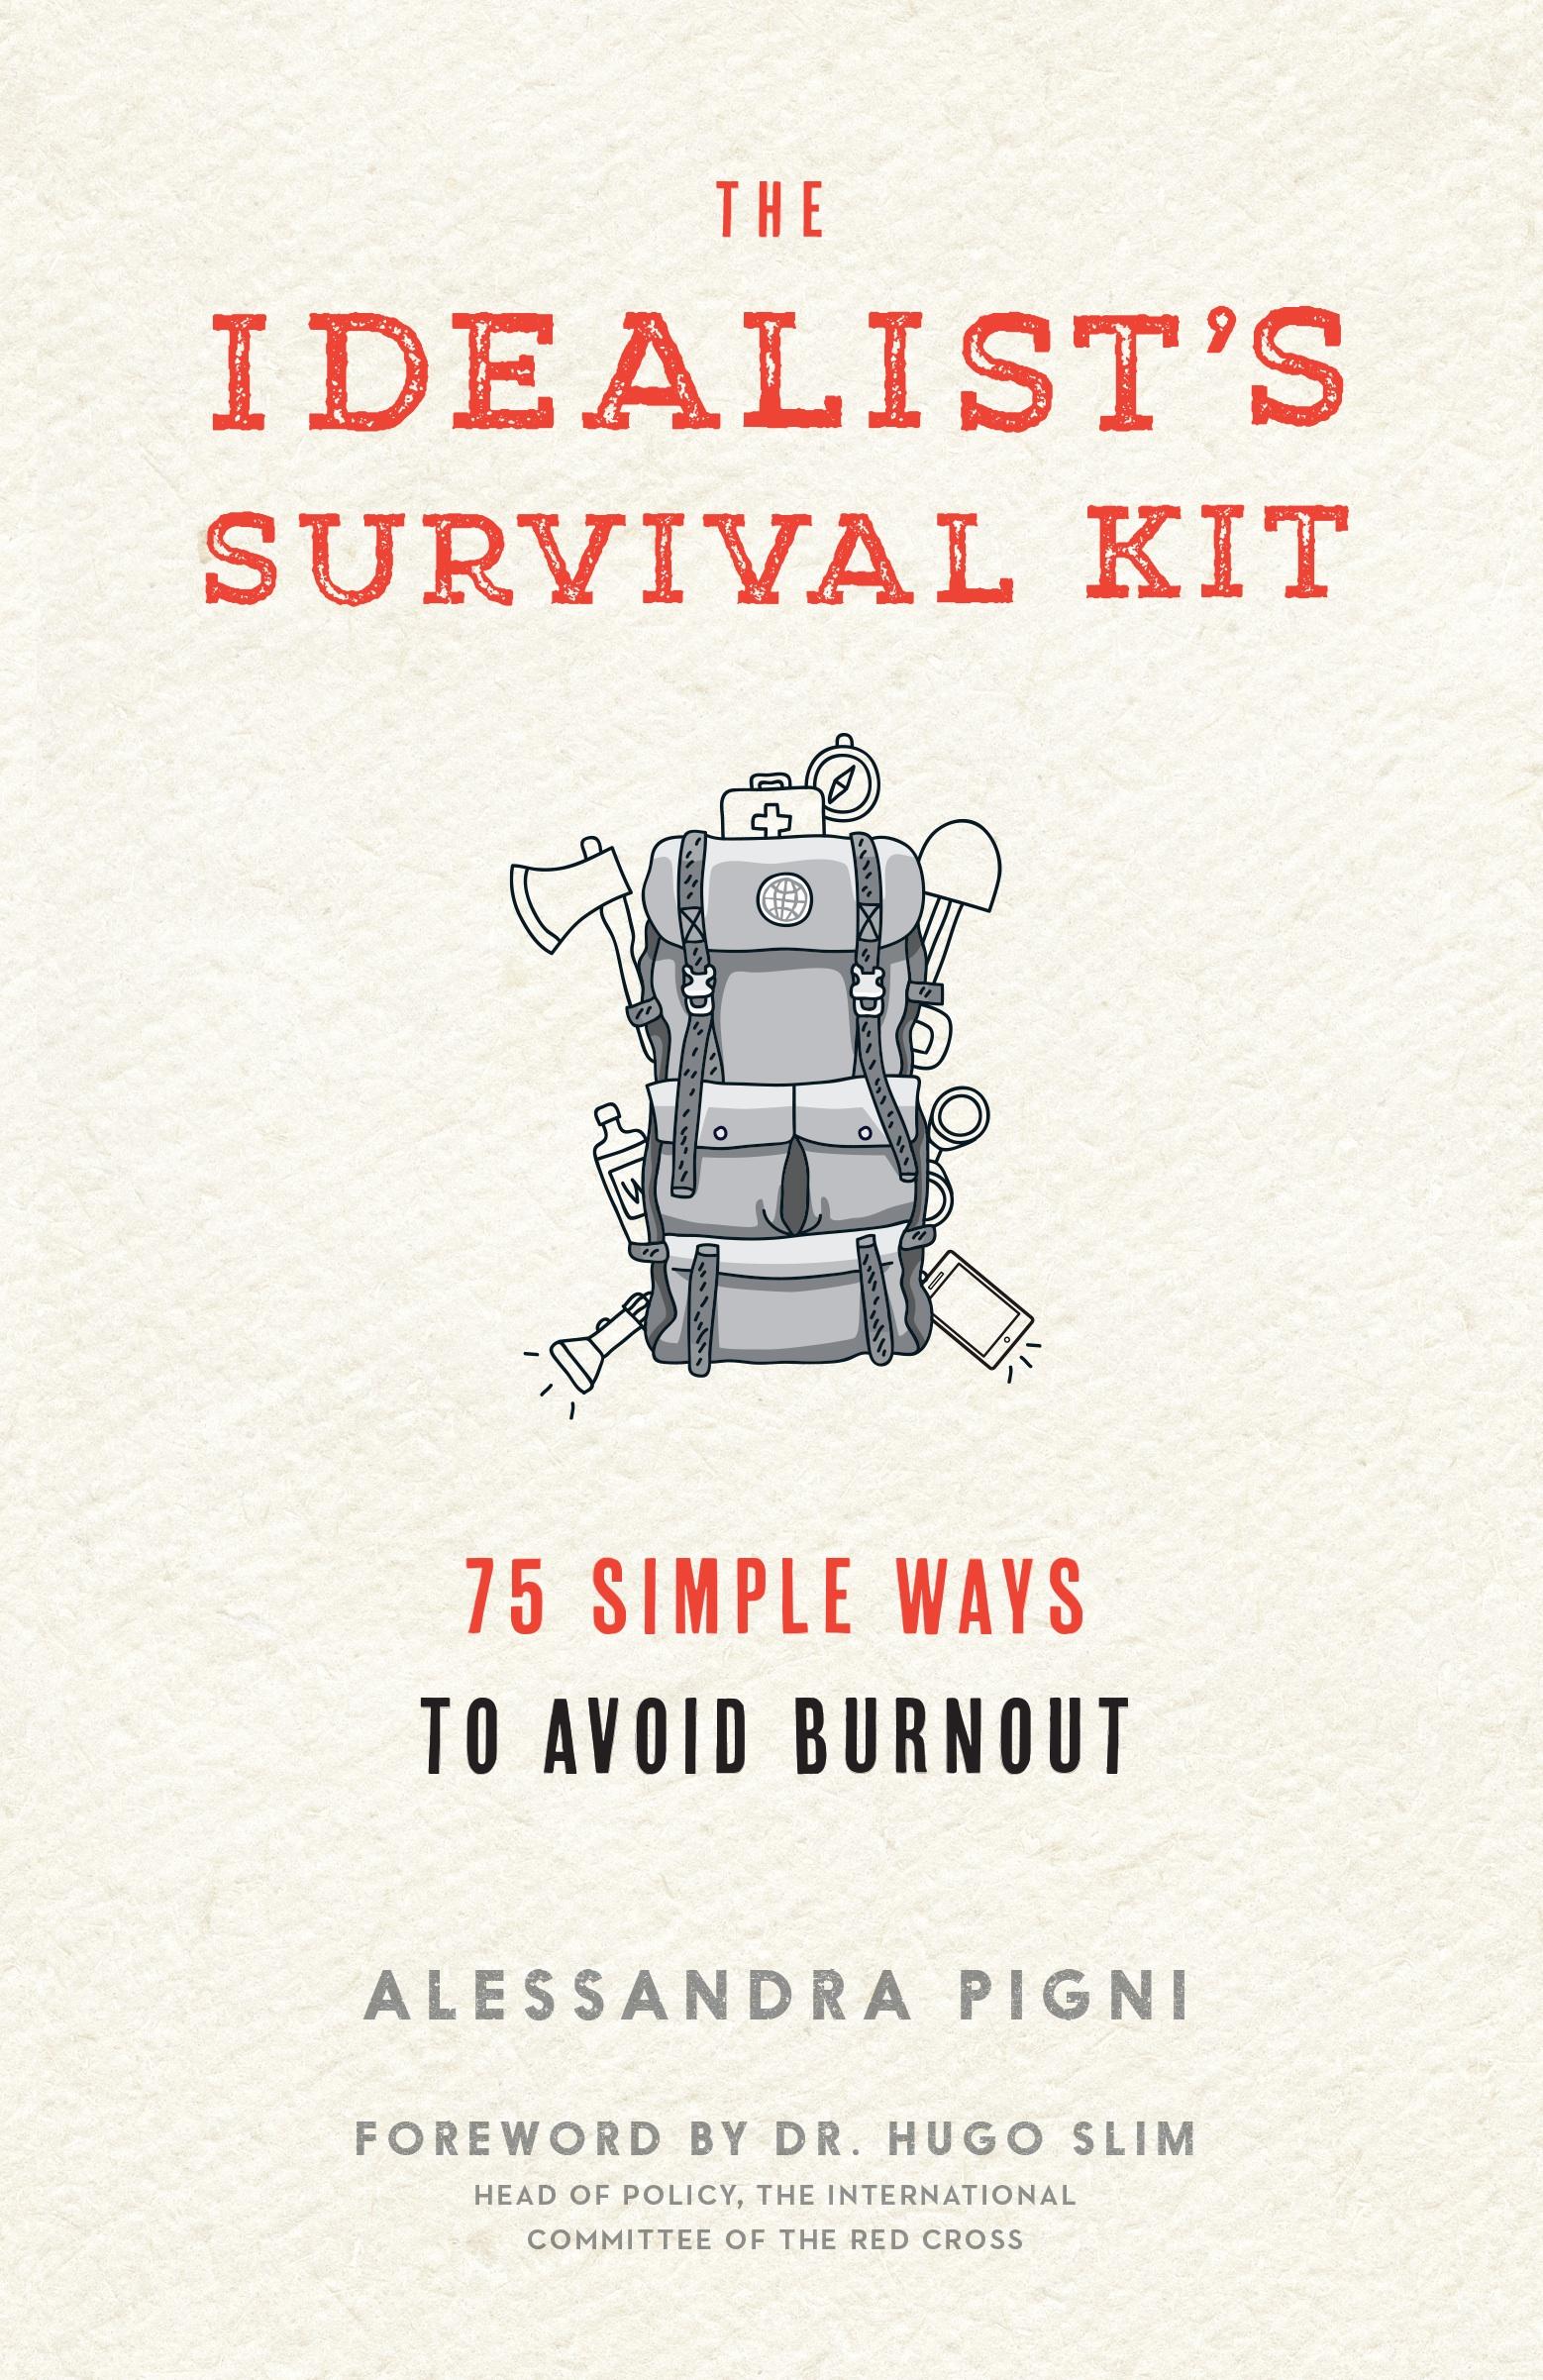 The idealist's survival kit.jpg